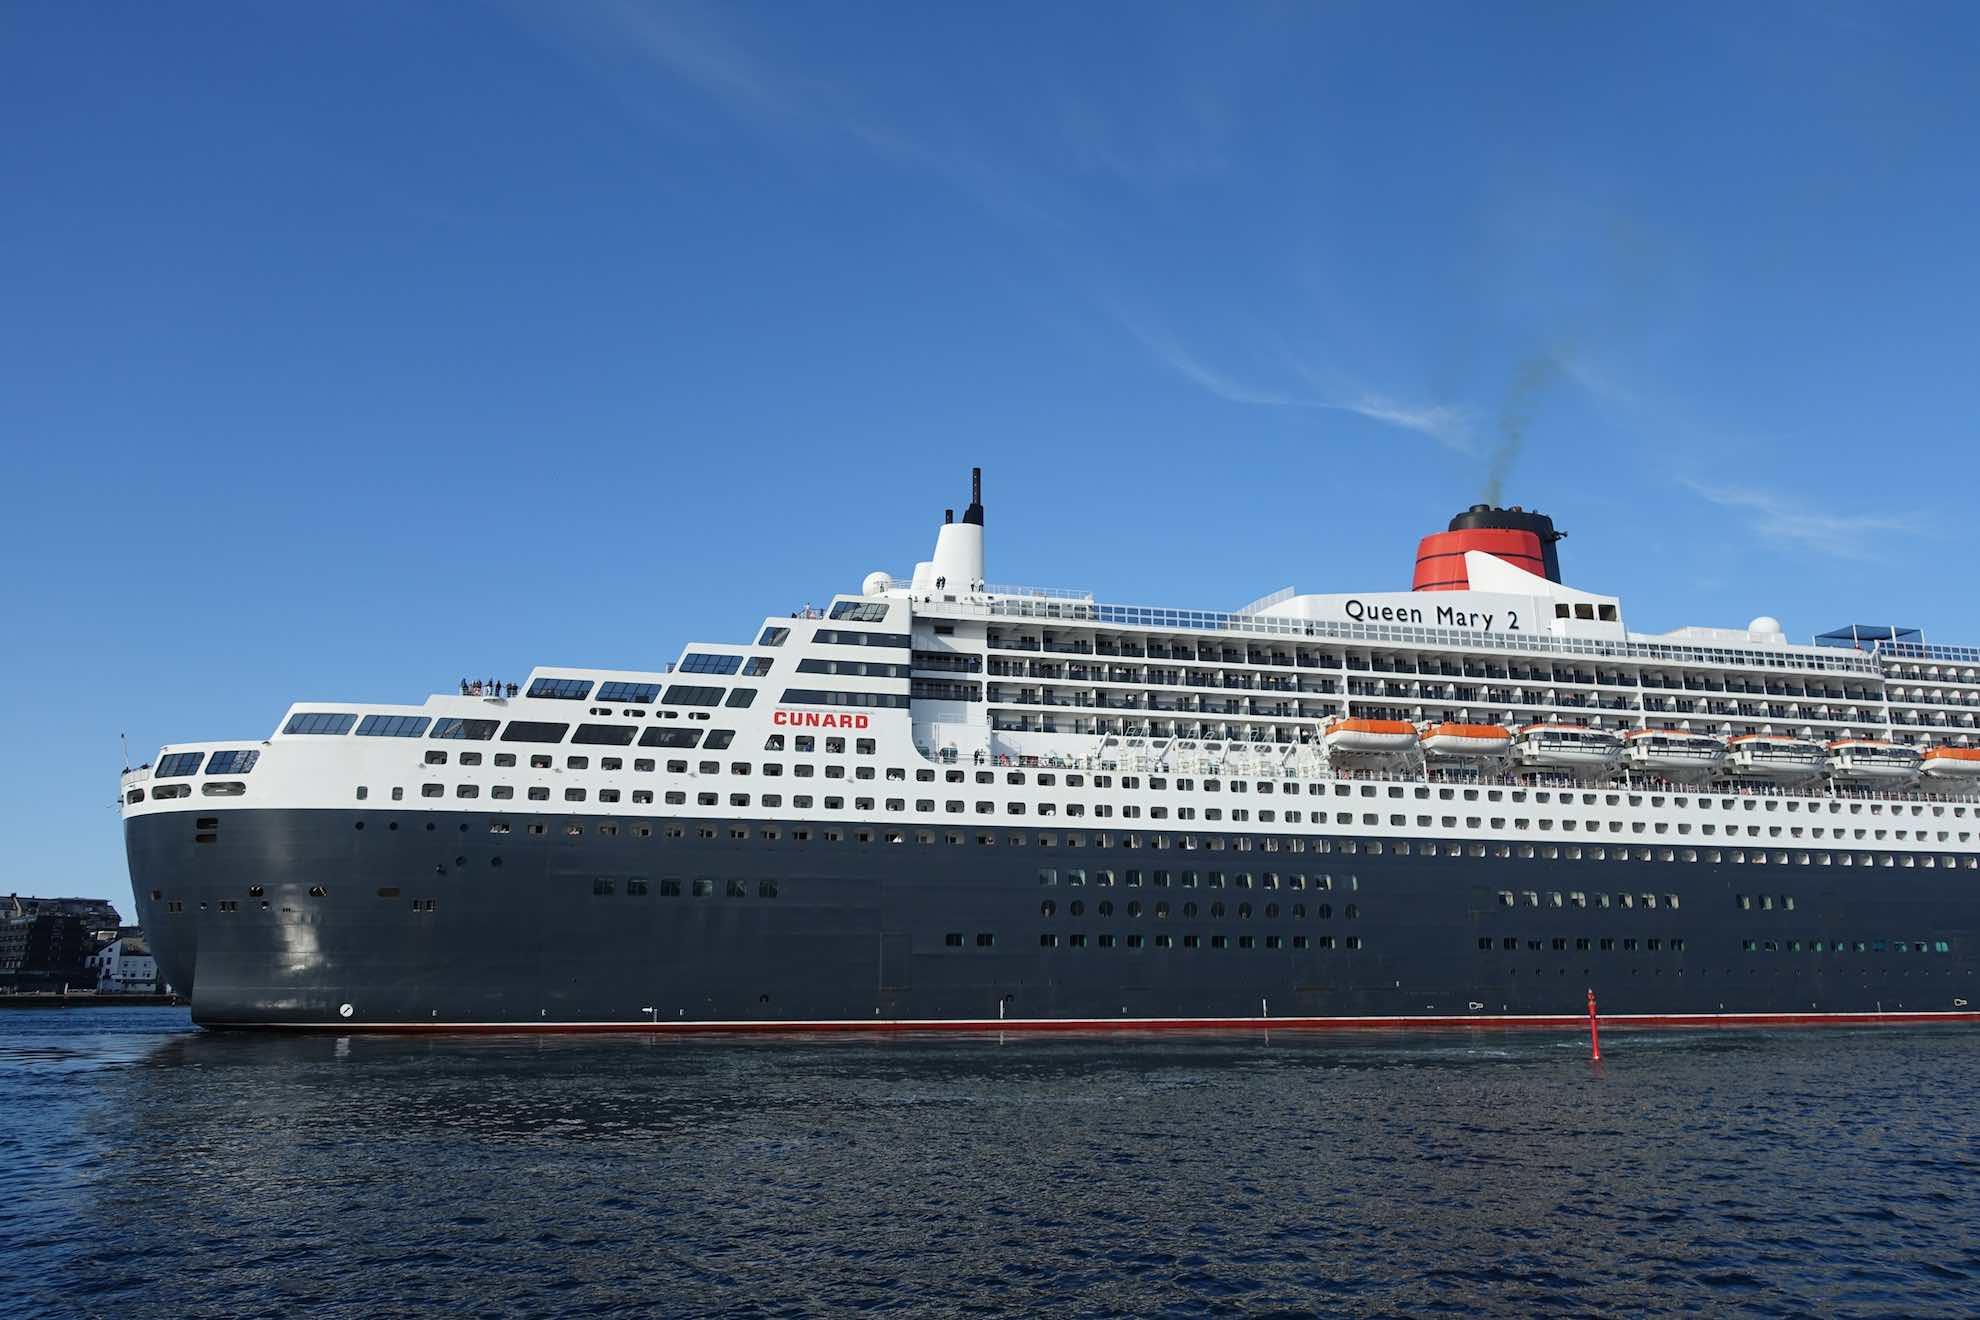 Kurz vor Ålesund treffen wir die Queen Mary 2. Sie ist hier eine regelmäßige Besucherin.